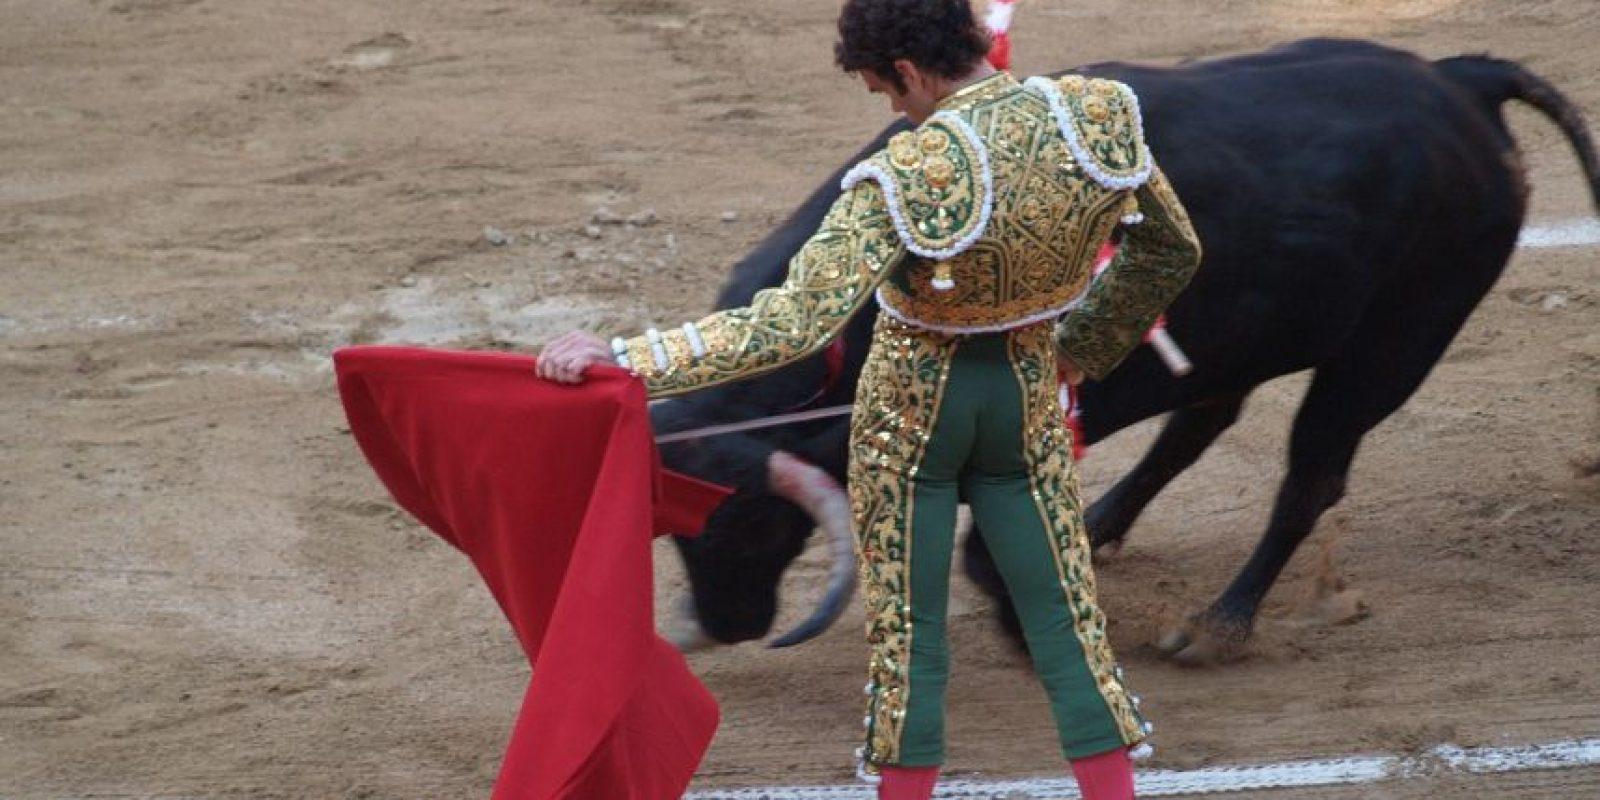 La fiesta taurina mexicana se encuentra de luto Foto:PIXABAY